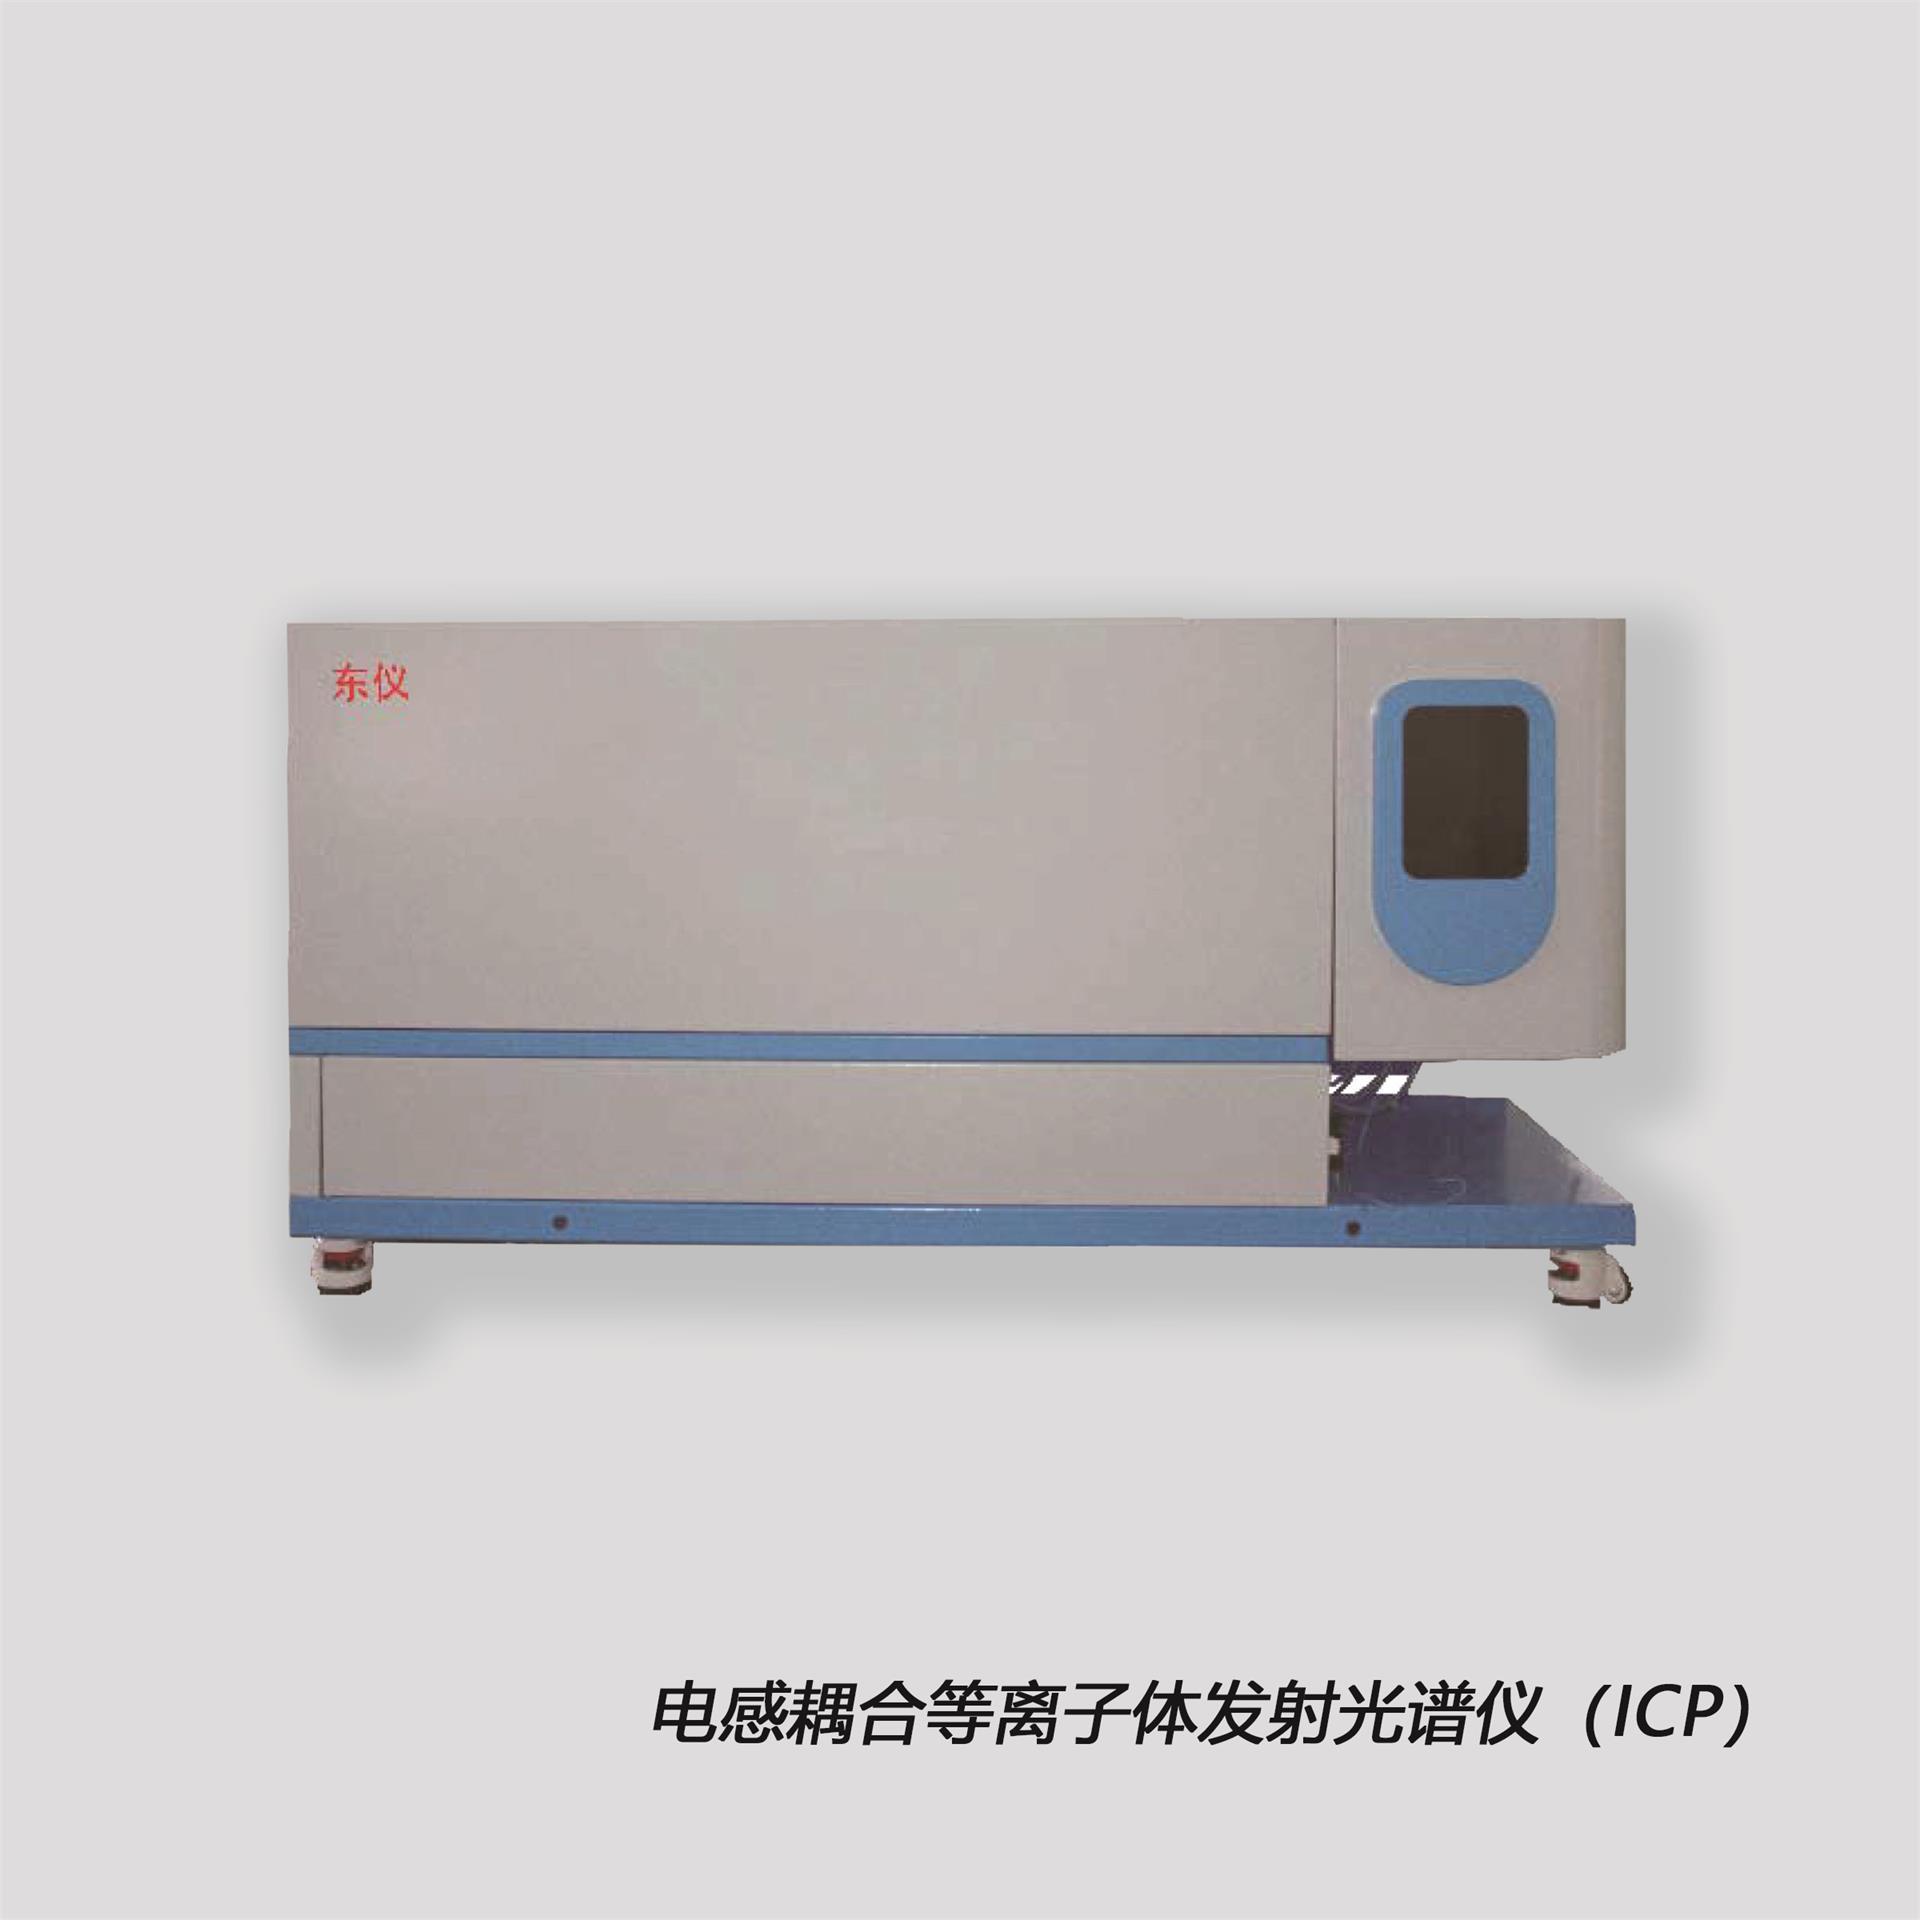 電感耦合等離子體發射光譜儀(ICP)